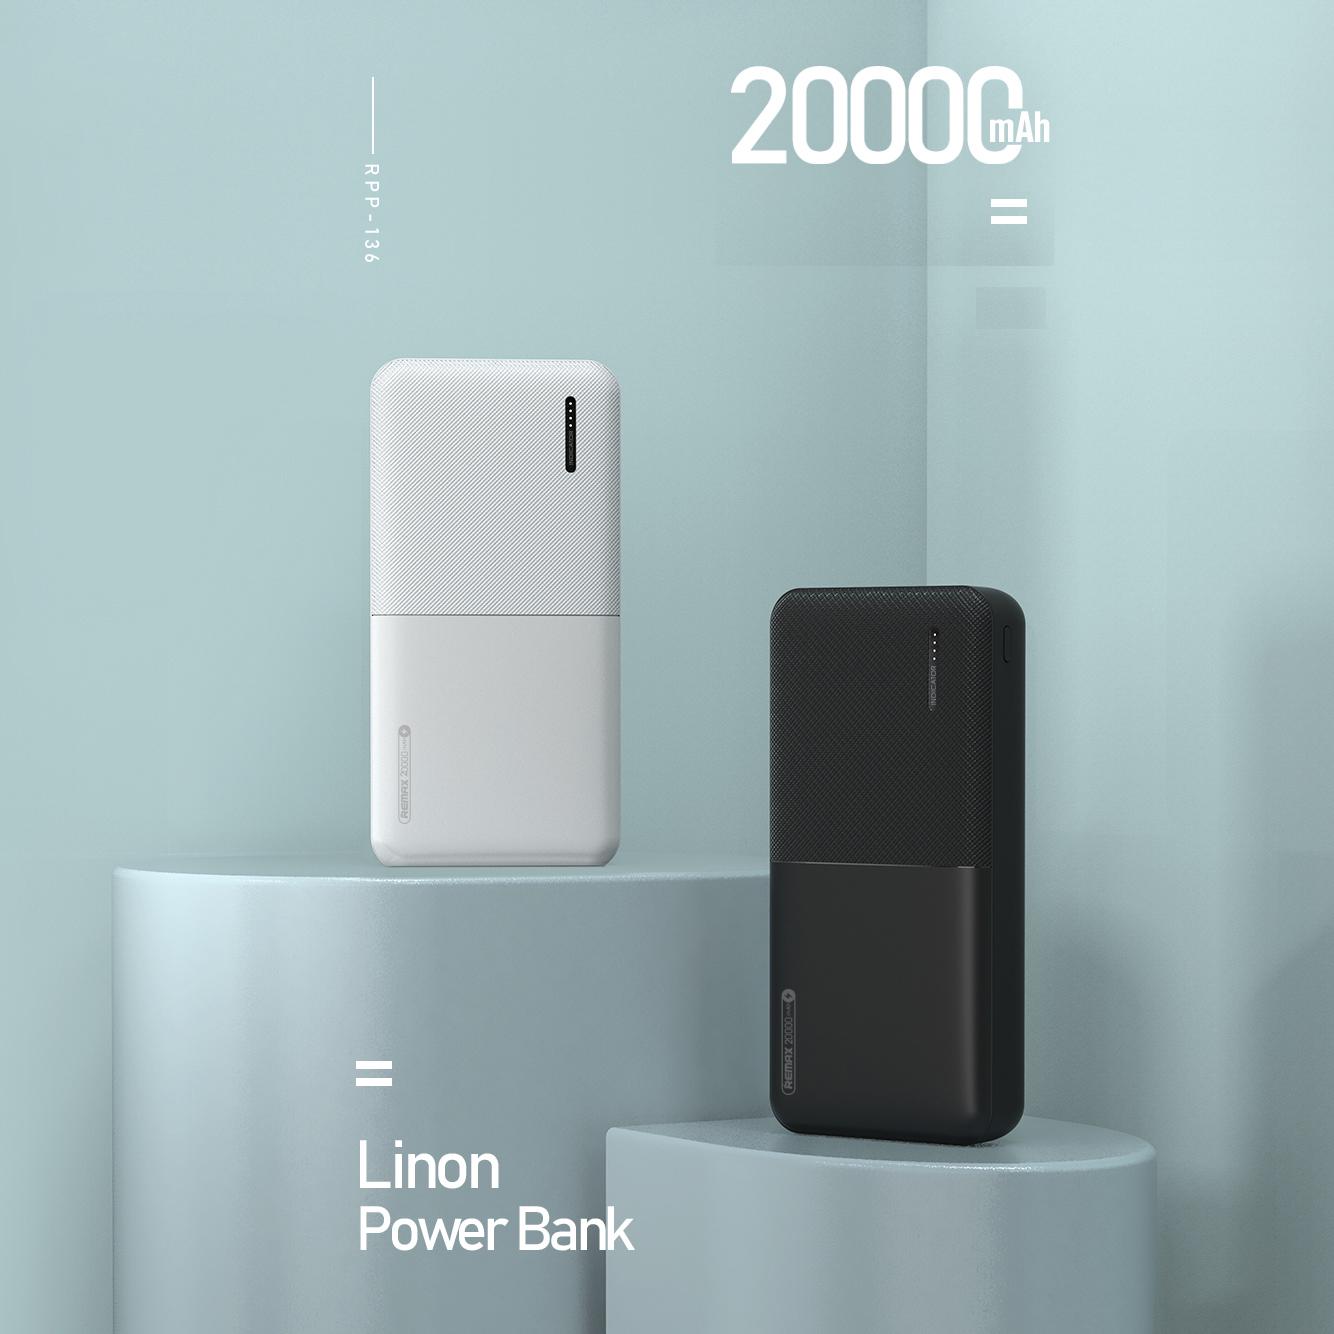 POWER BANK 2000 mAh